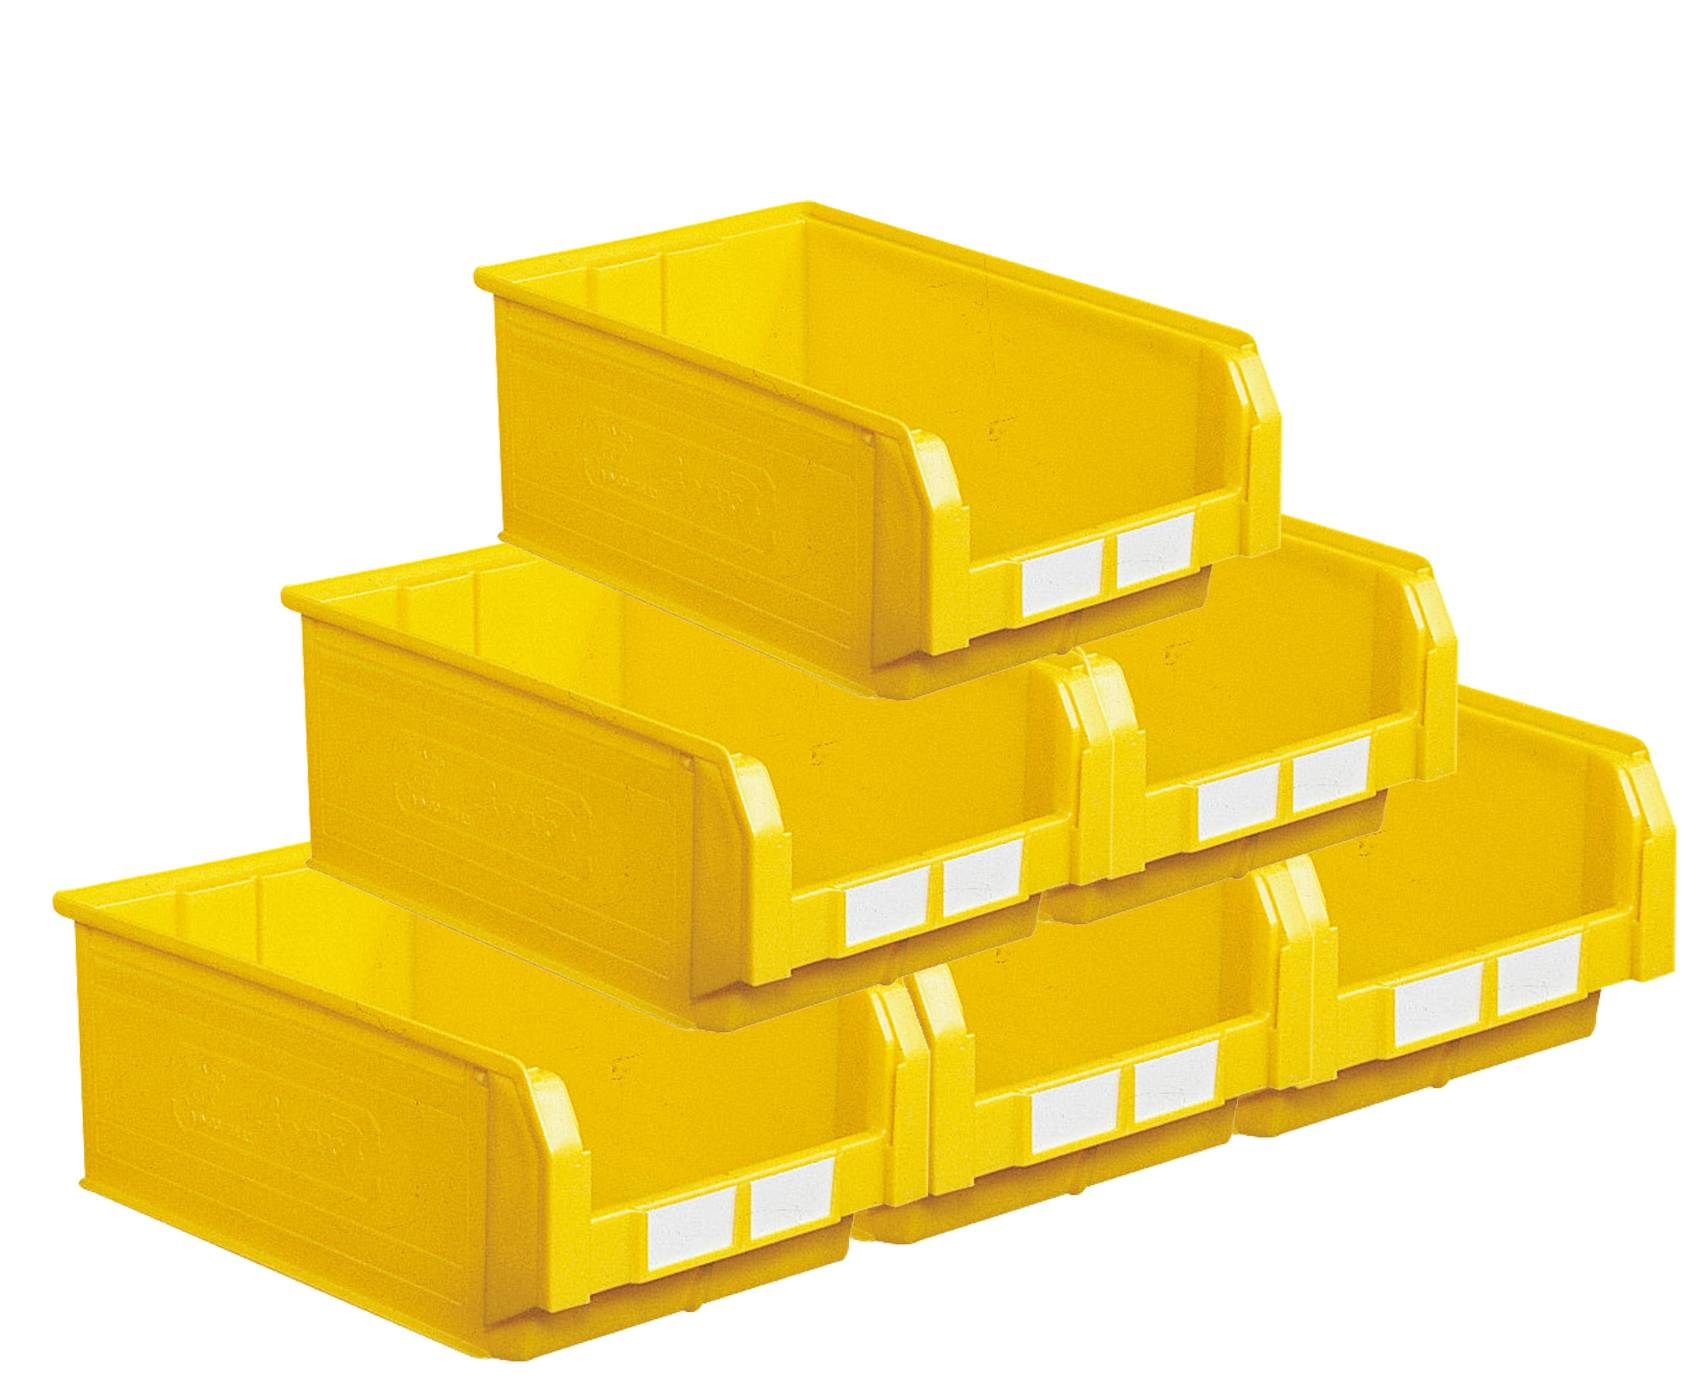 SETAM Carton de 10 bacs à bec 28 litres jaune